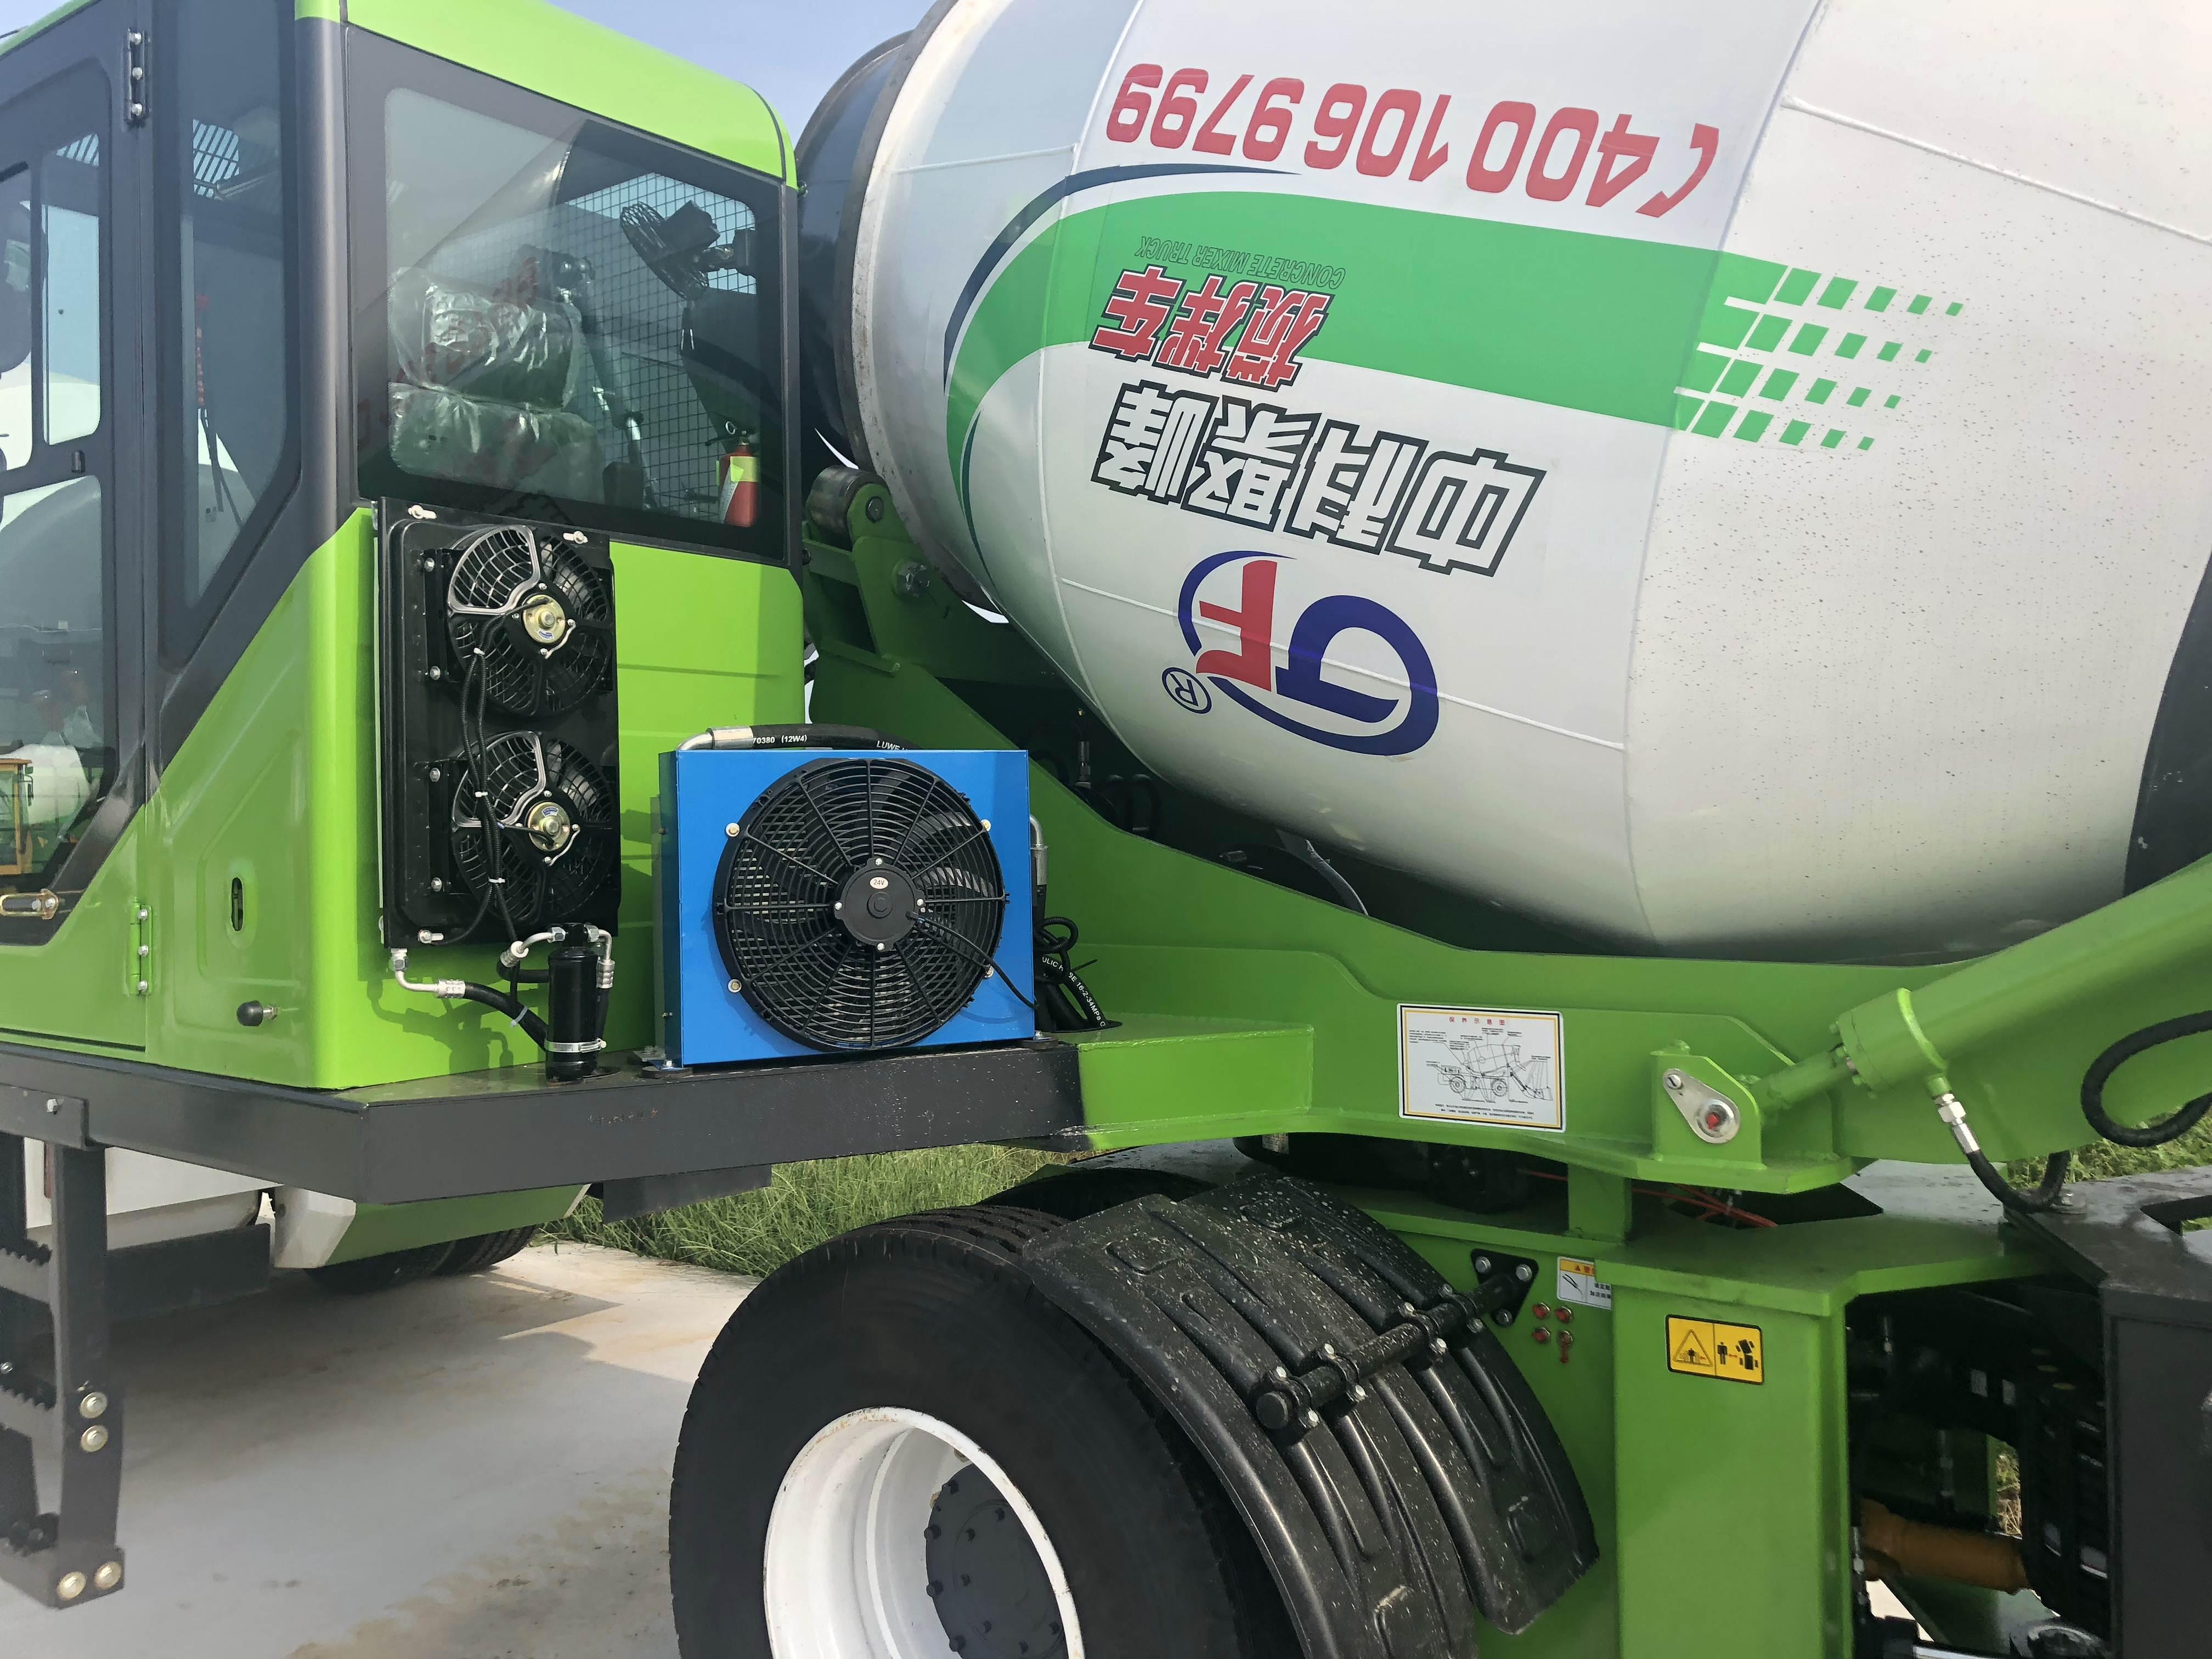 使用自动混凝土搅拌机发动机错误情况下会有什么影响?